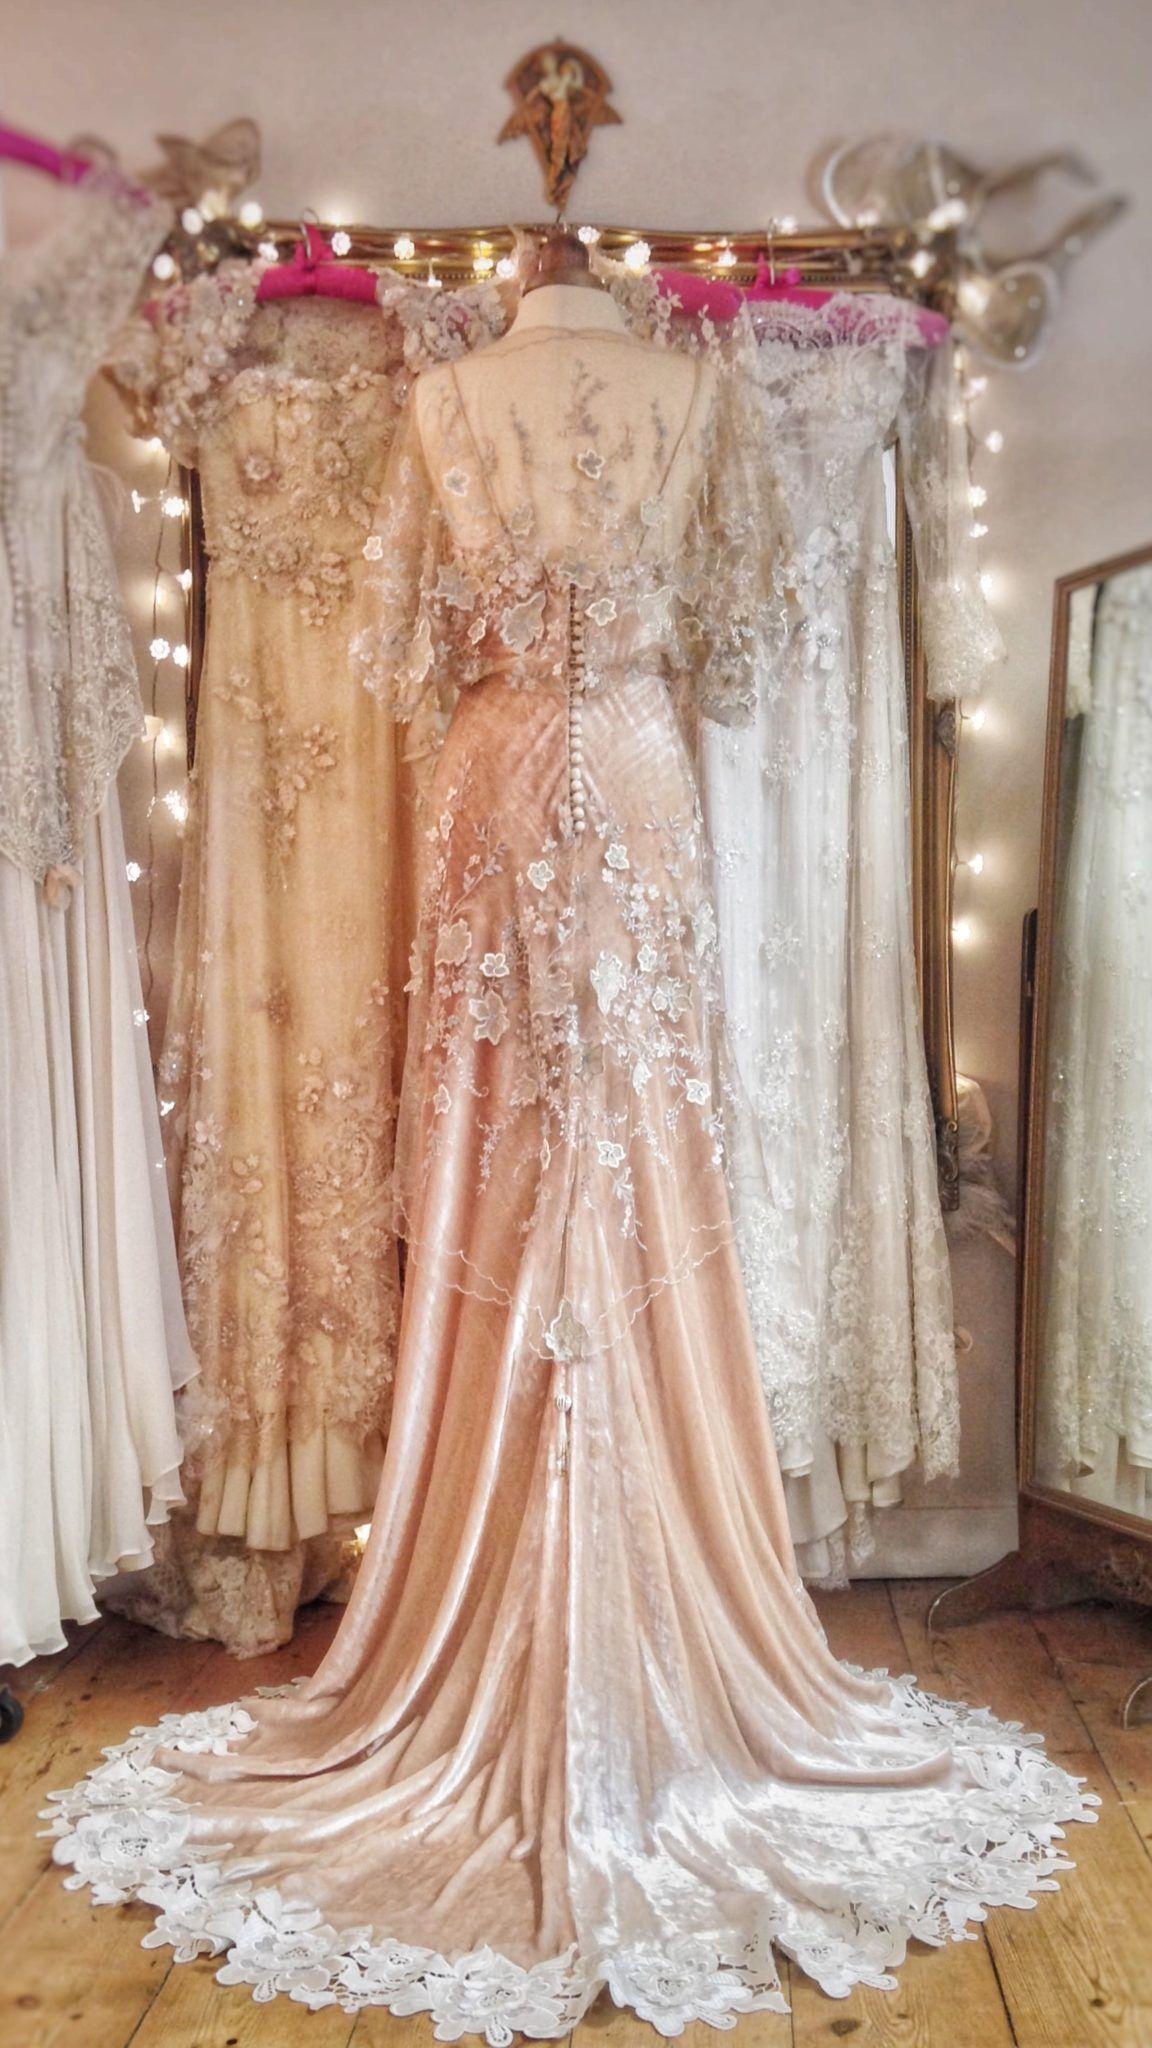 fe1dffb9696 Silk Velvet Wedding Dress in a Belle Epoque Inspired Style